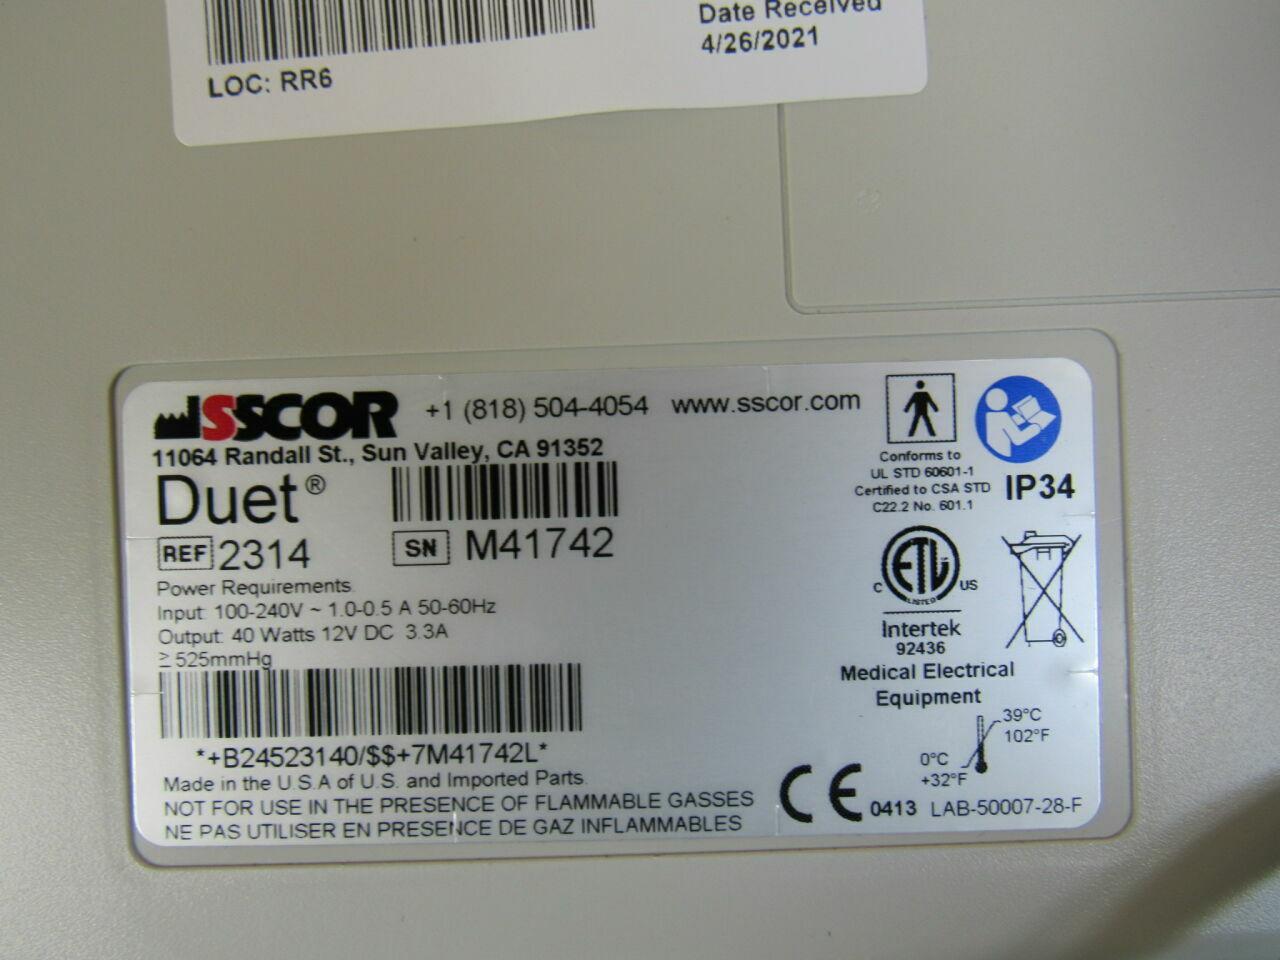 SSCOR Duet Aspirator